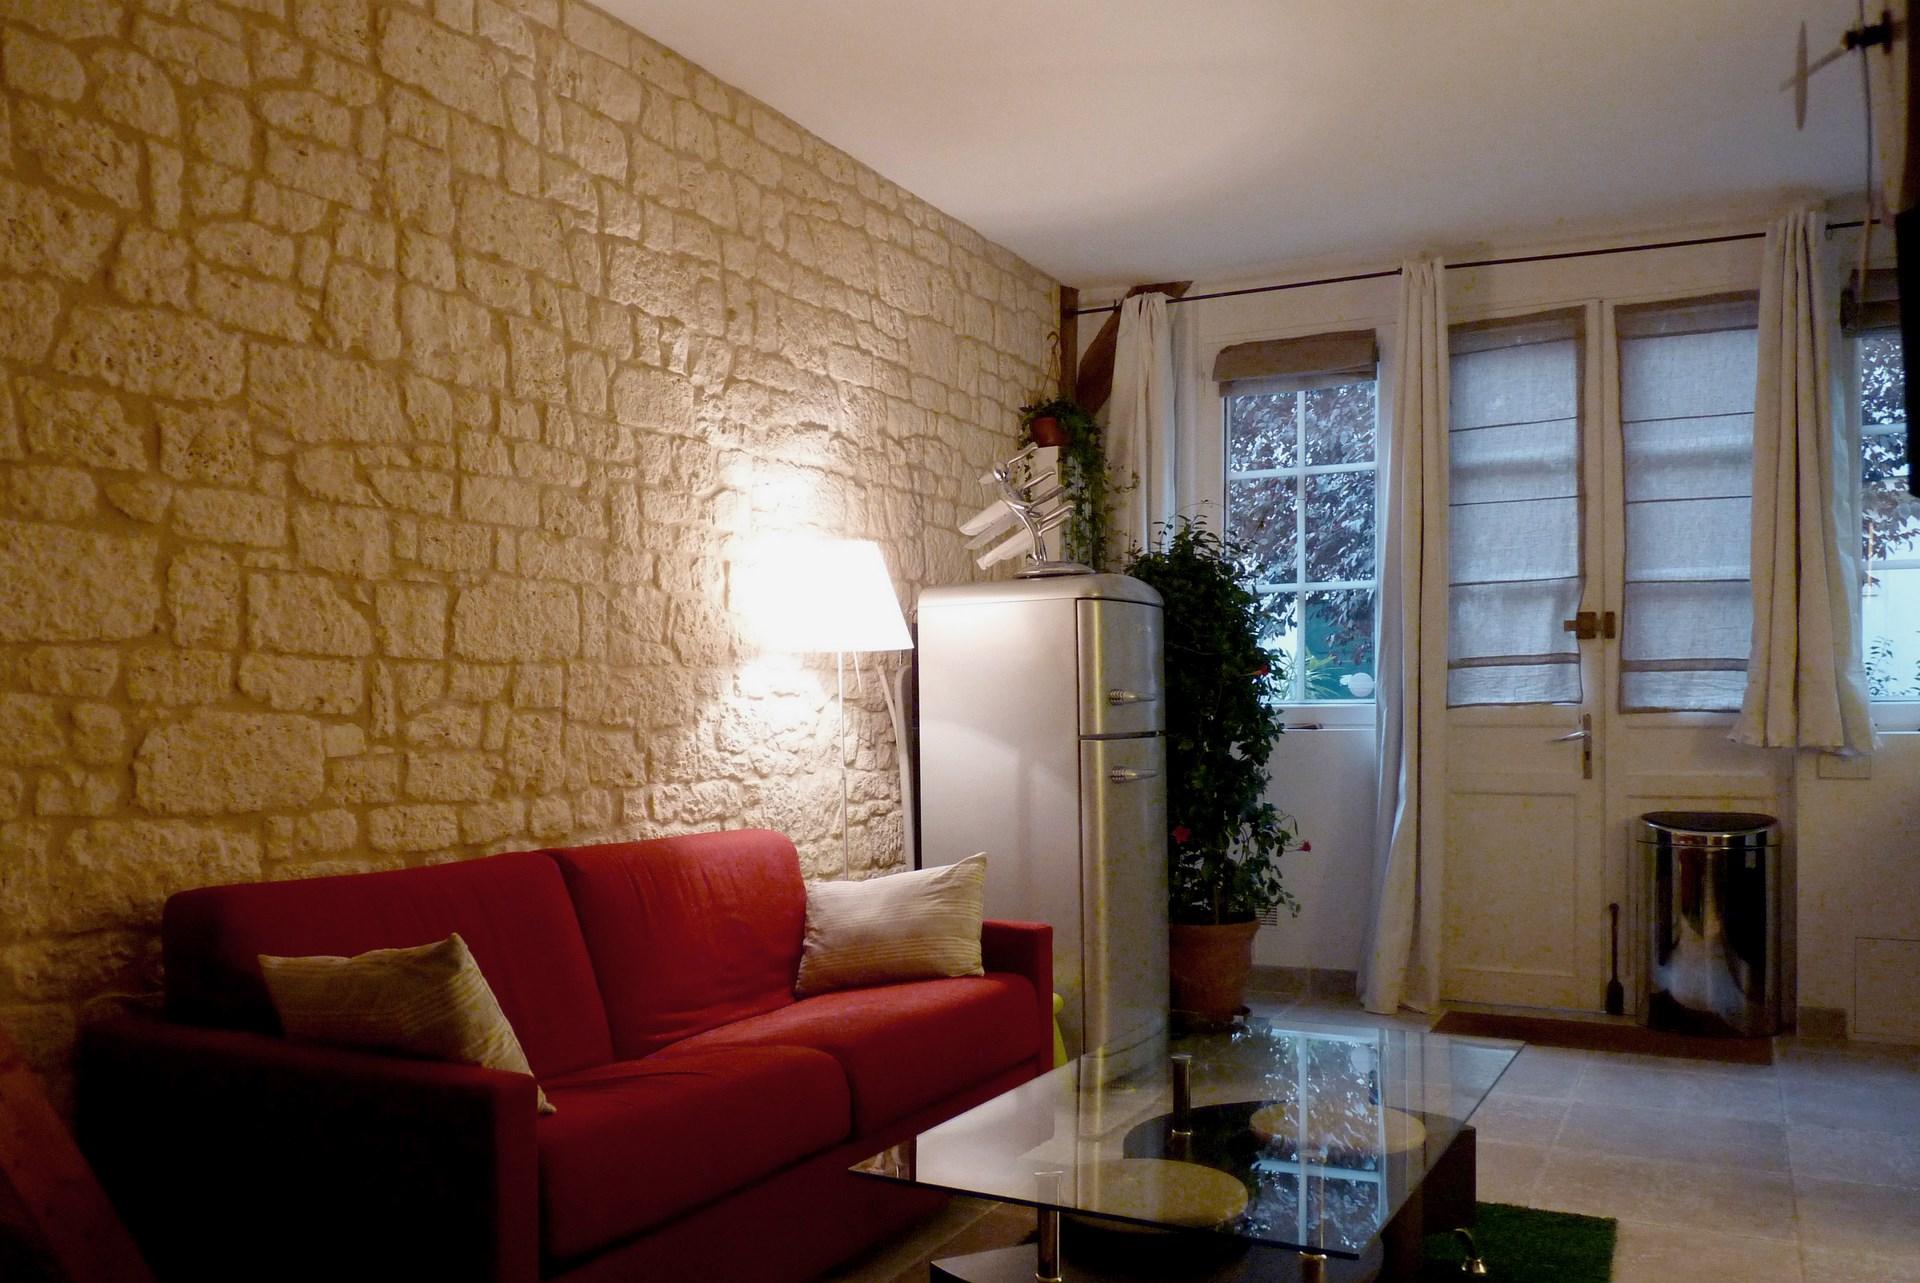 petits espaces studio ancien couvent pierre apparente agence avous